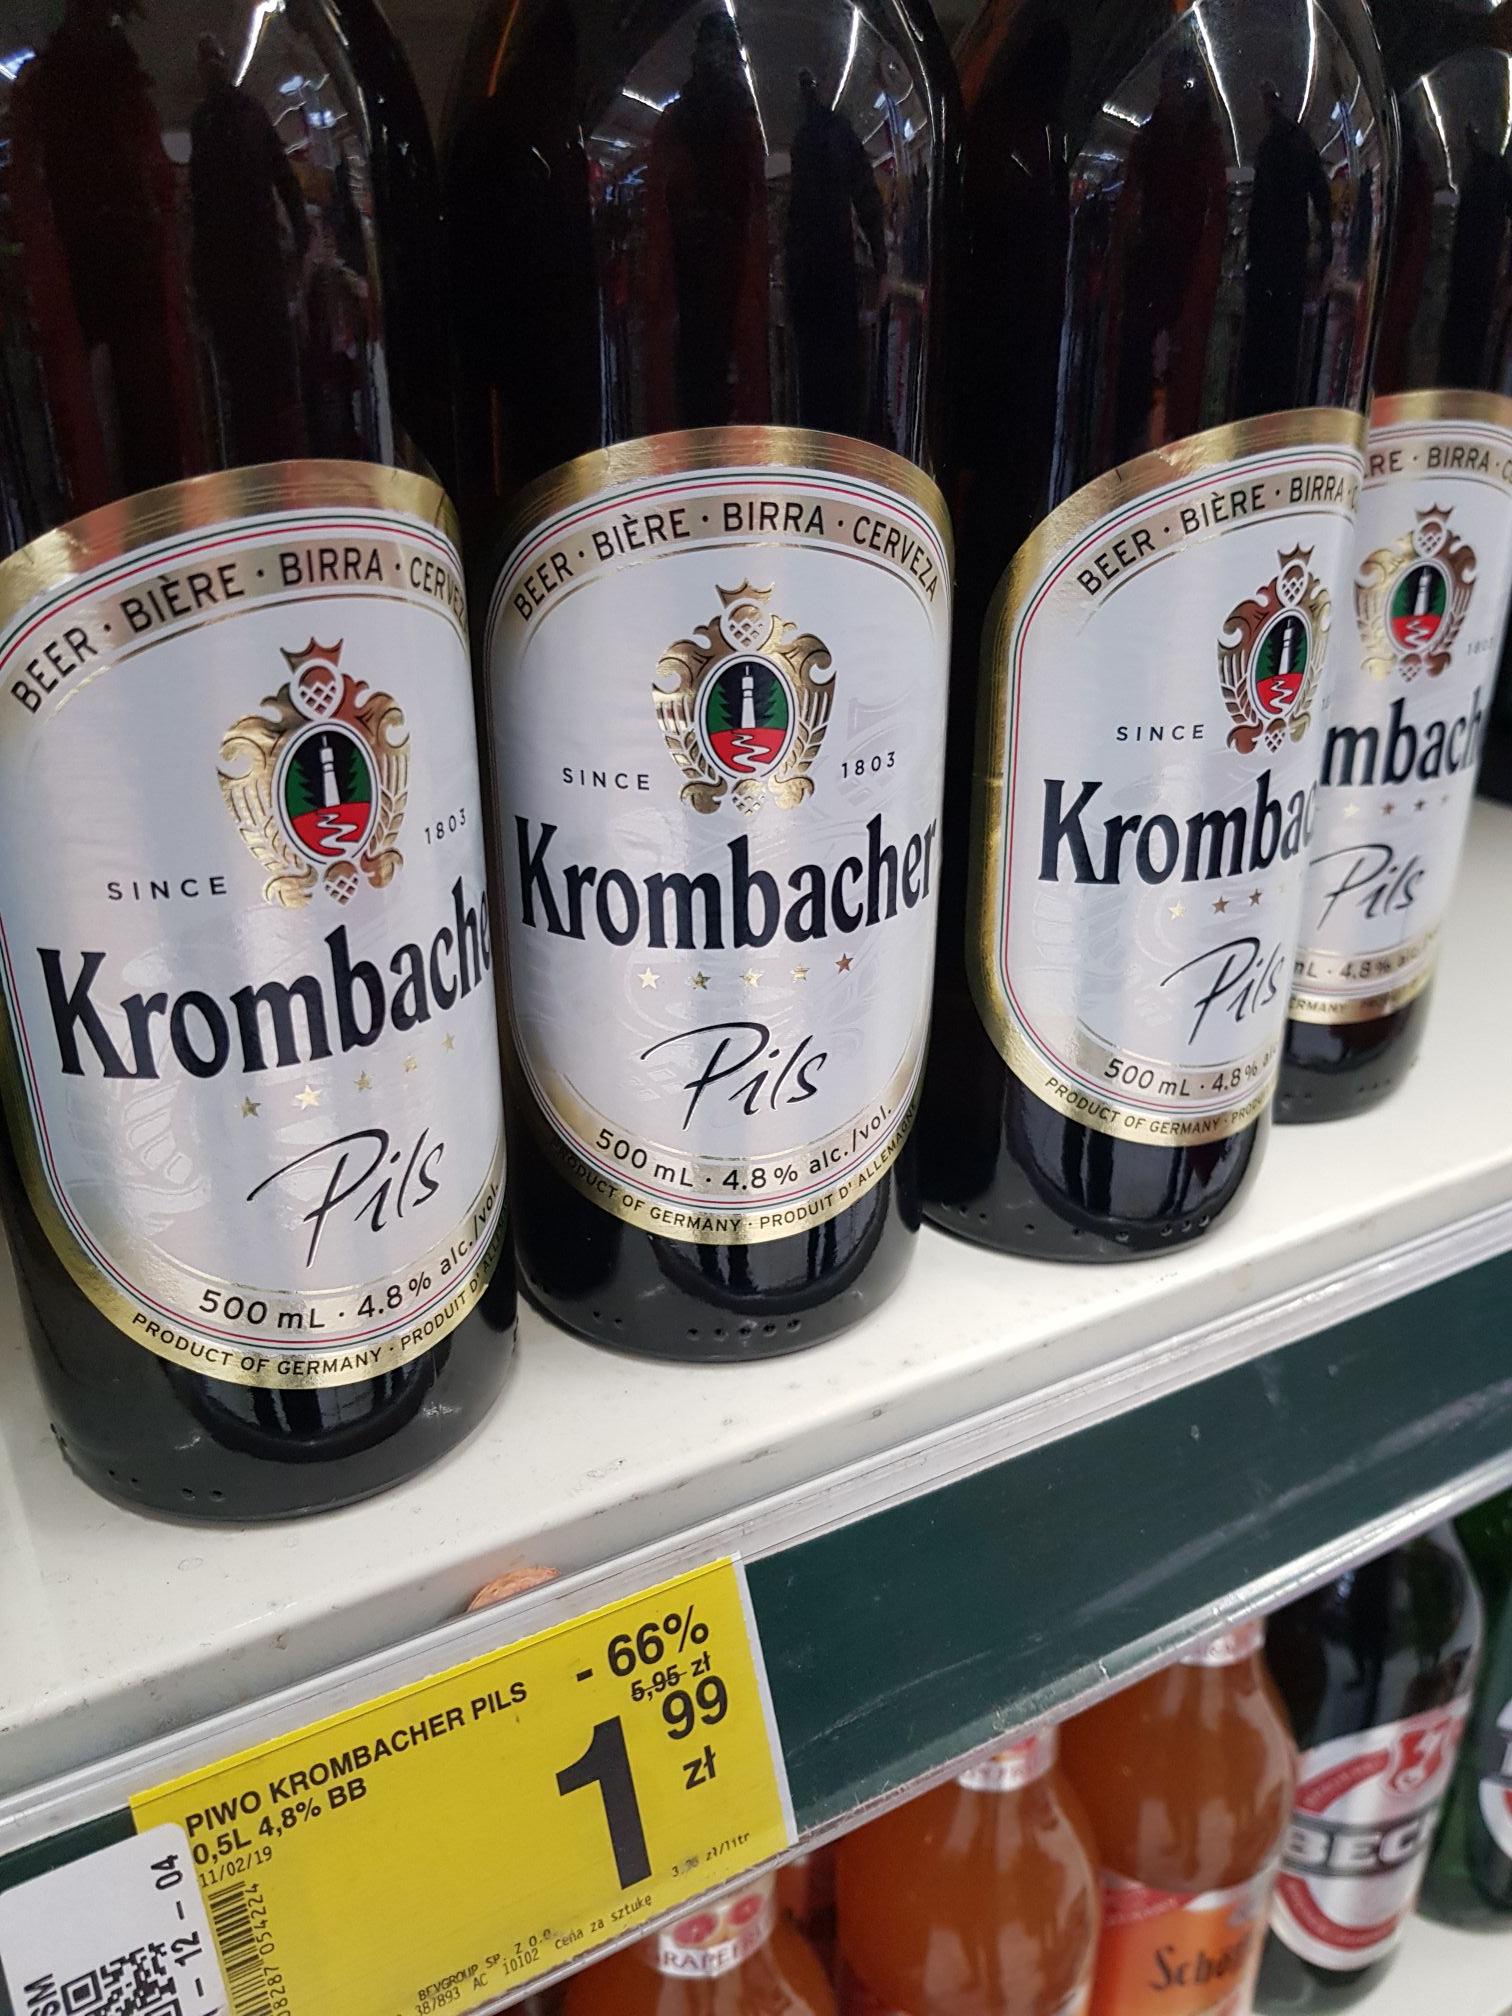 Piwo Krombacher Pils 500 ml Carrefour Warszawa Dw. Wileński